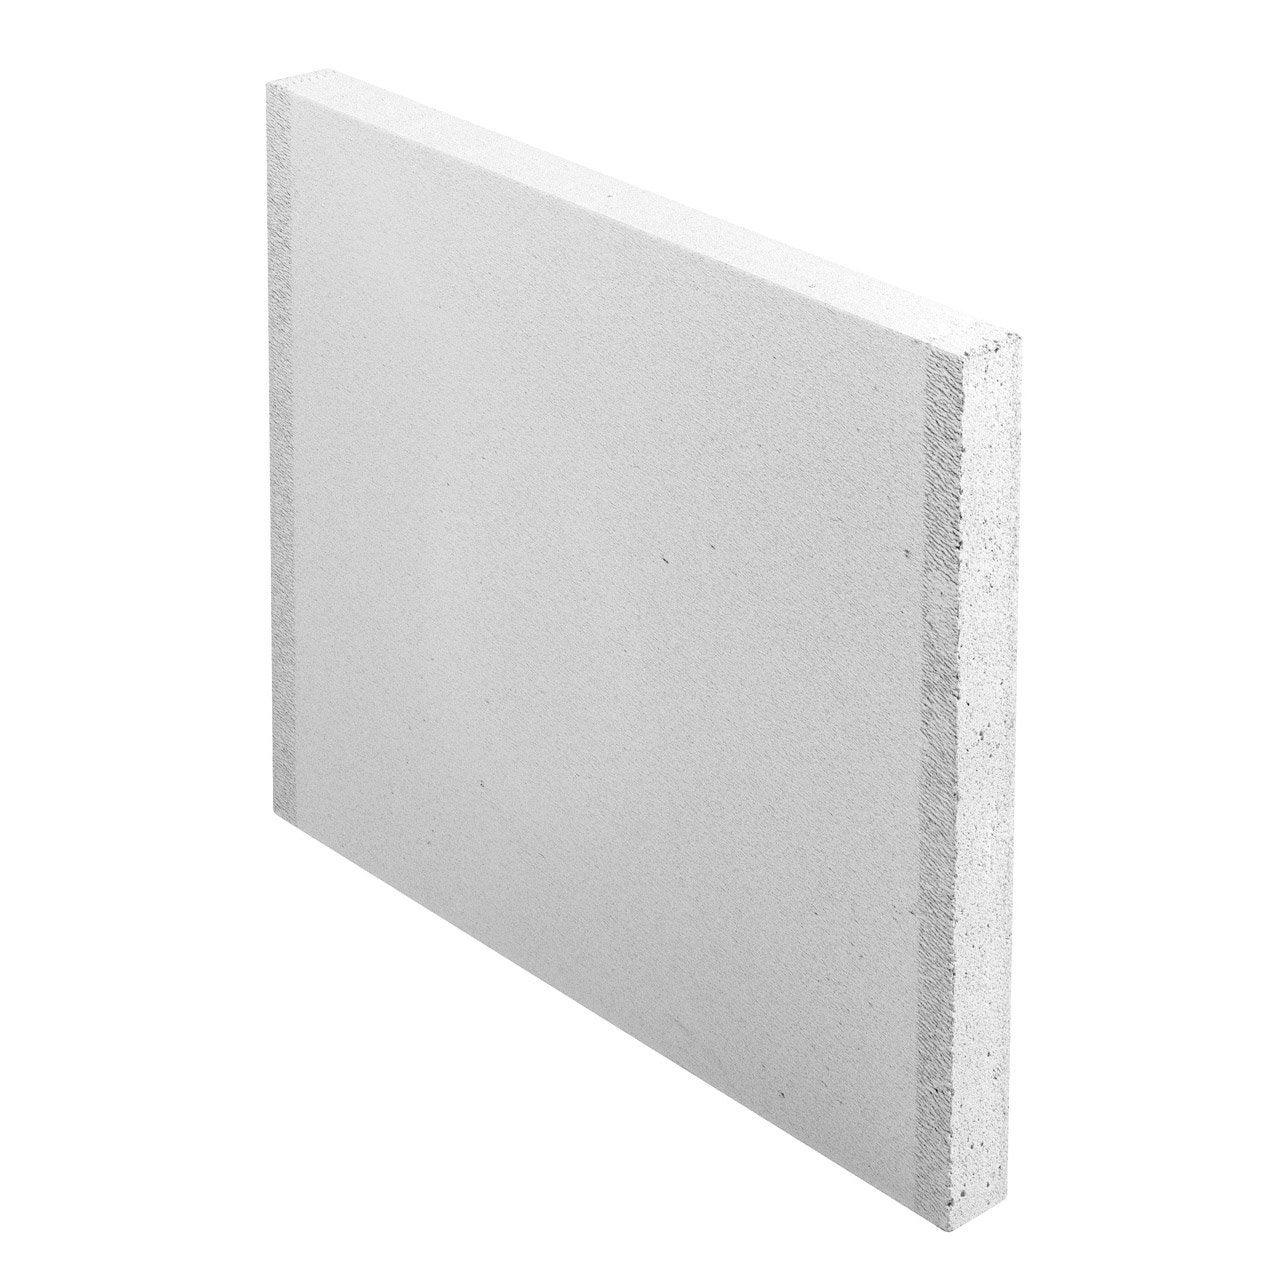 Carreau de b ton cellulaire lisse x x ep 5 cm for Abri de jardin en beton cellulaire